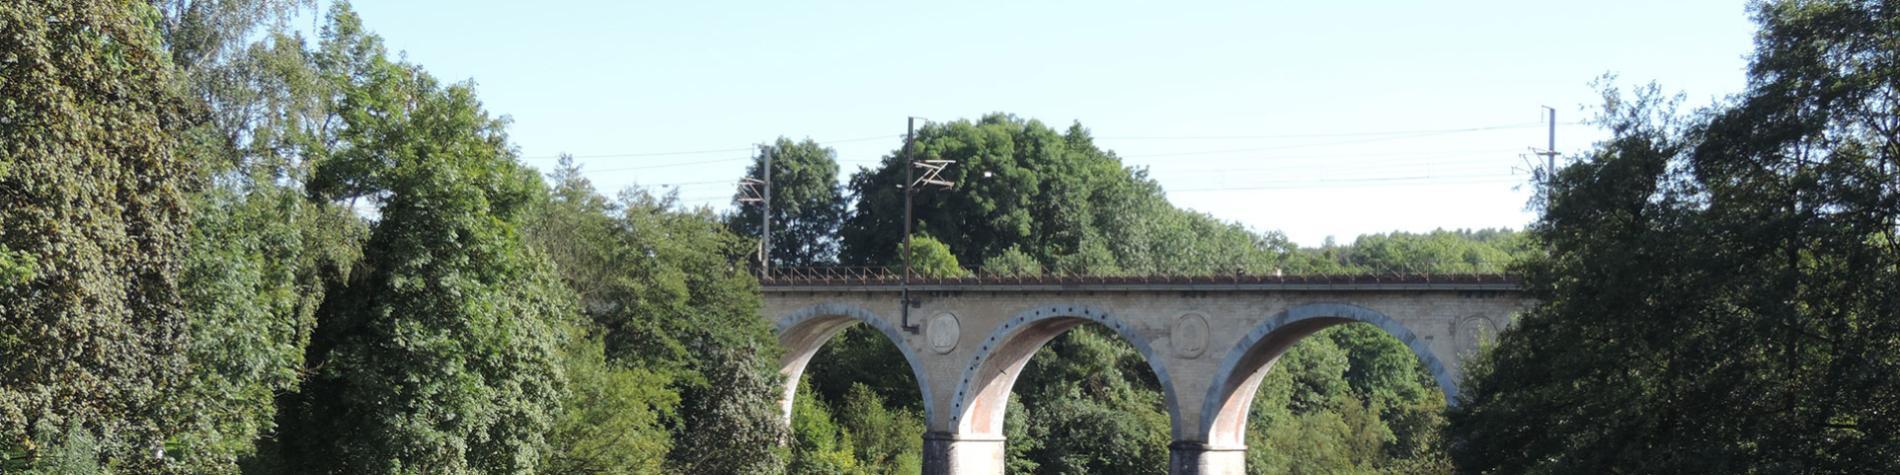 Circuit - ponts - Florenville - Balade vélo - moto - auto - Pont Lacuisine